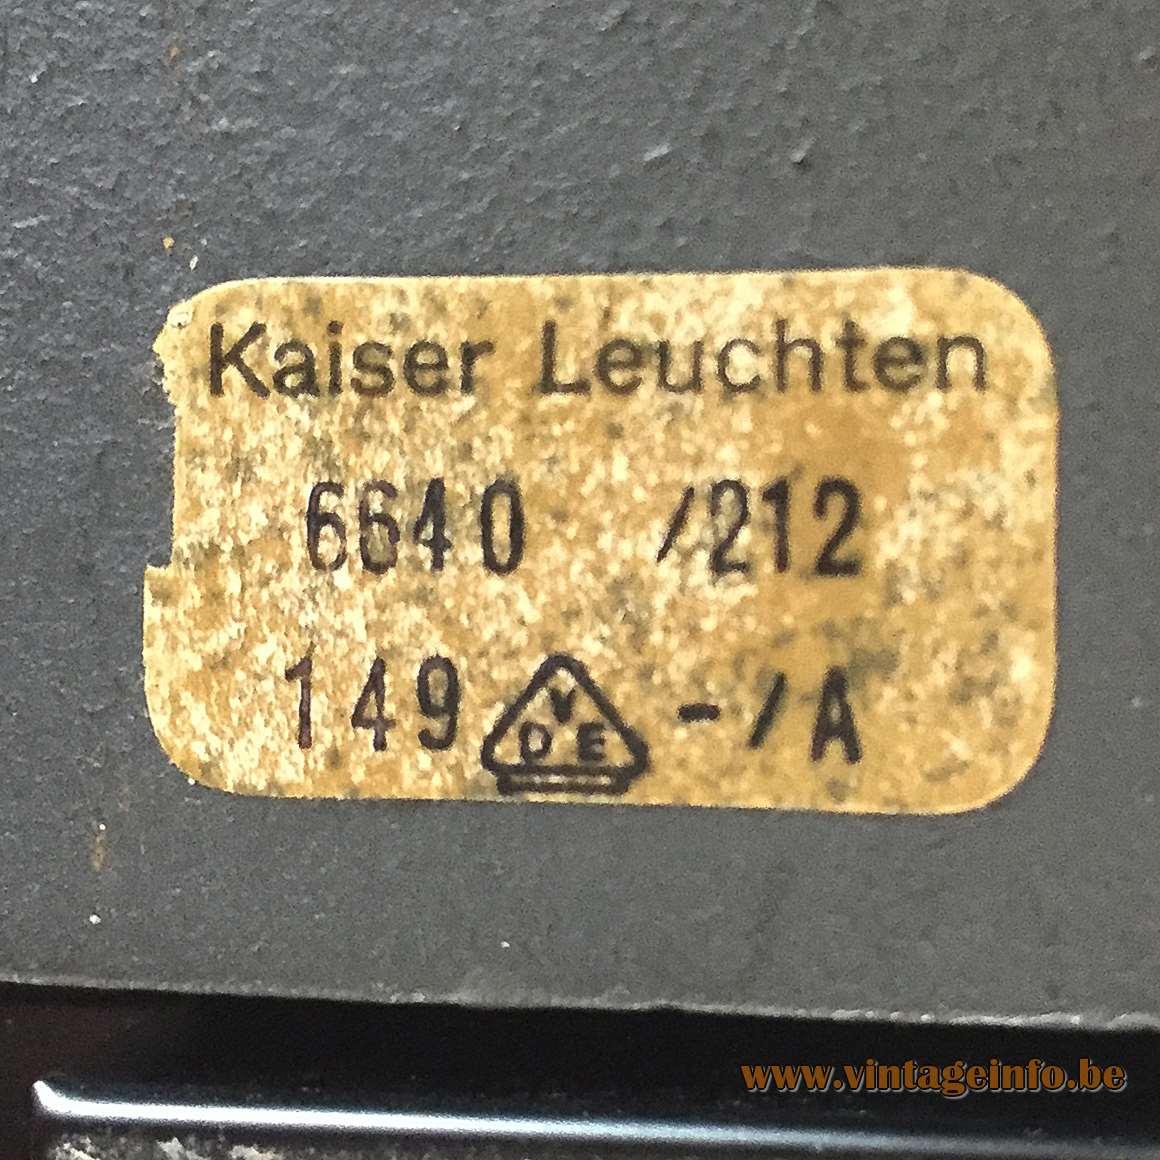 Kaiser Leuchten 6640 Desk Lamp - 6640/212/149-/A label